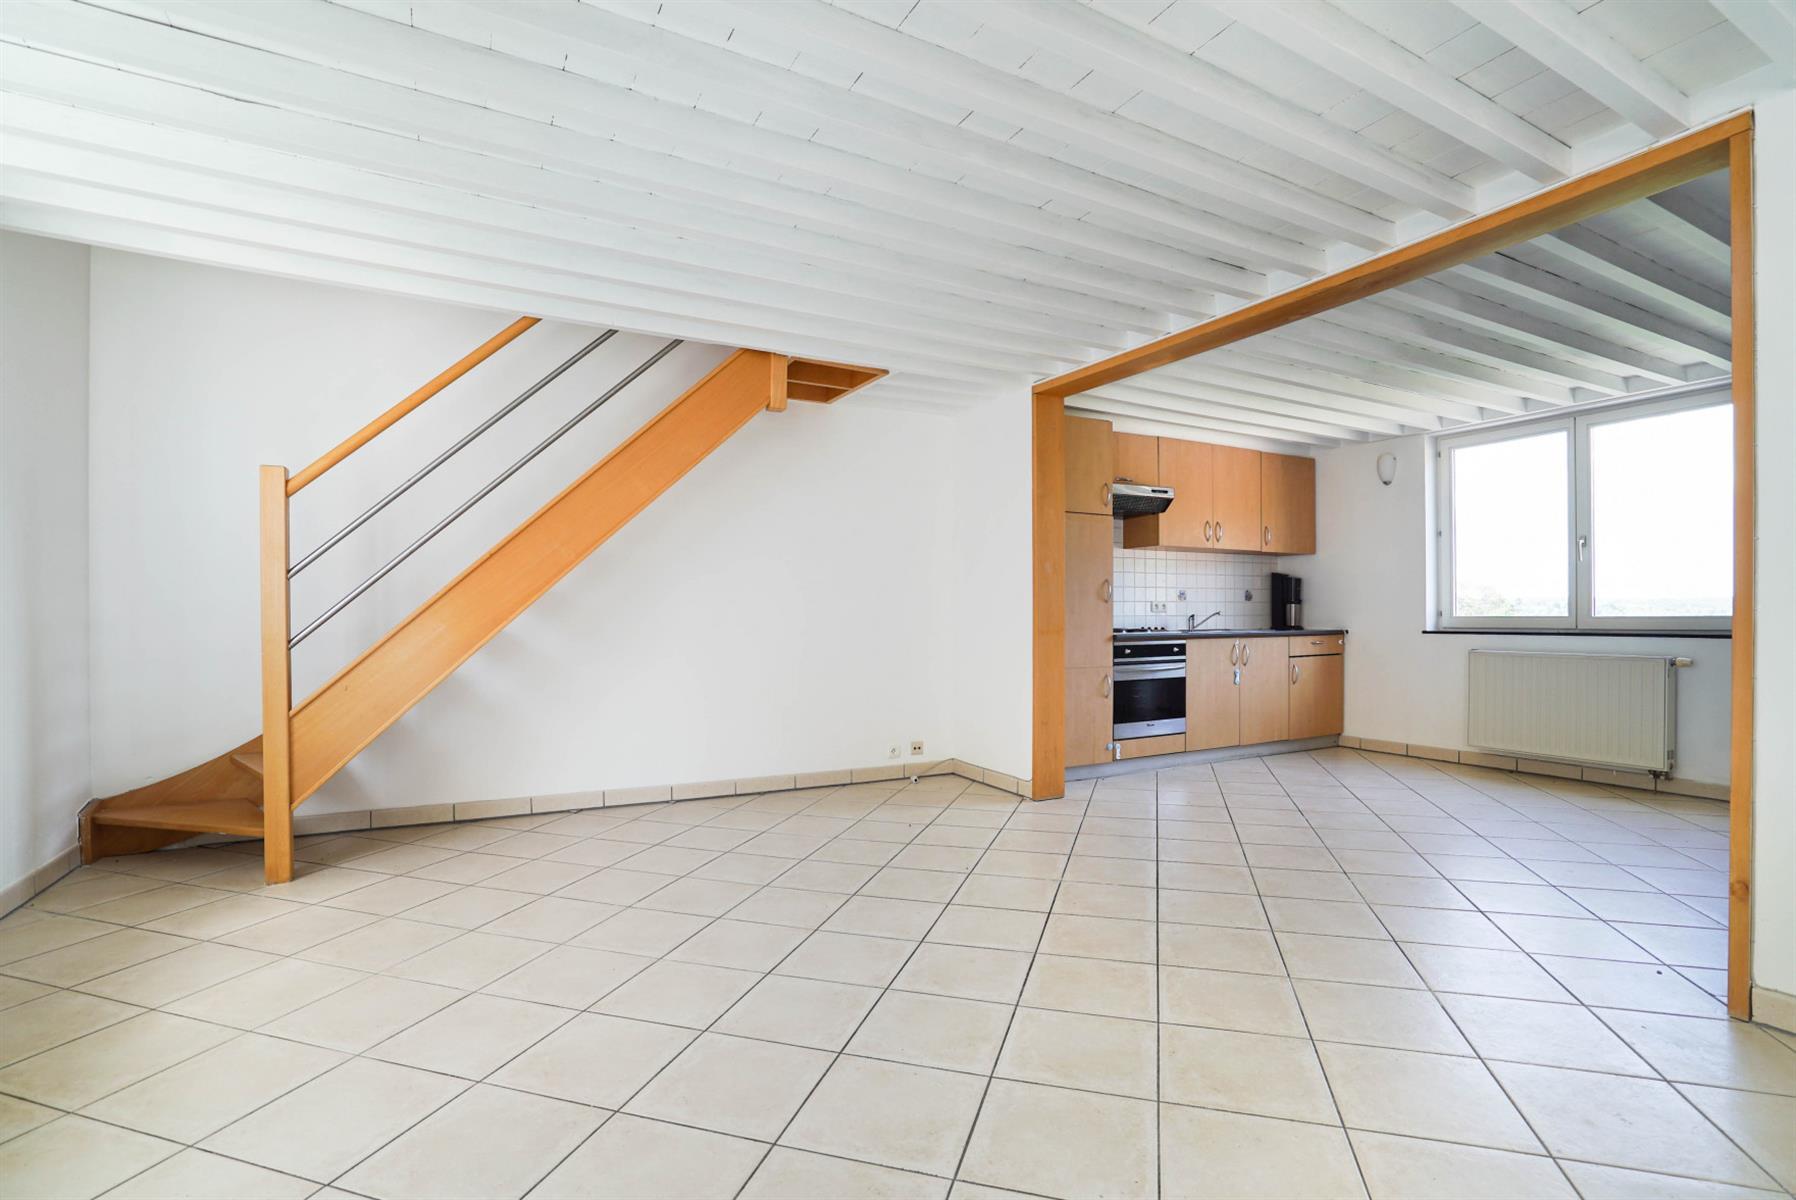 Duplex - Chaudfontaine Vaux-sous-Chèvremont - #4141991-2